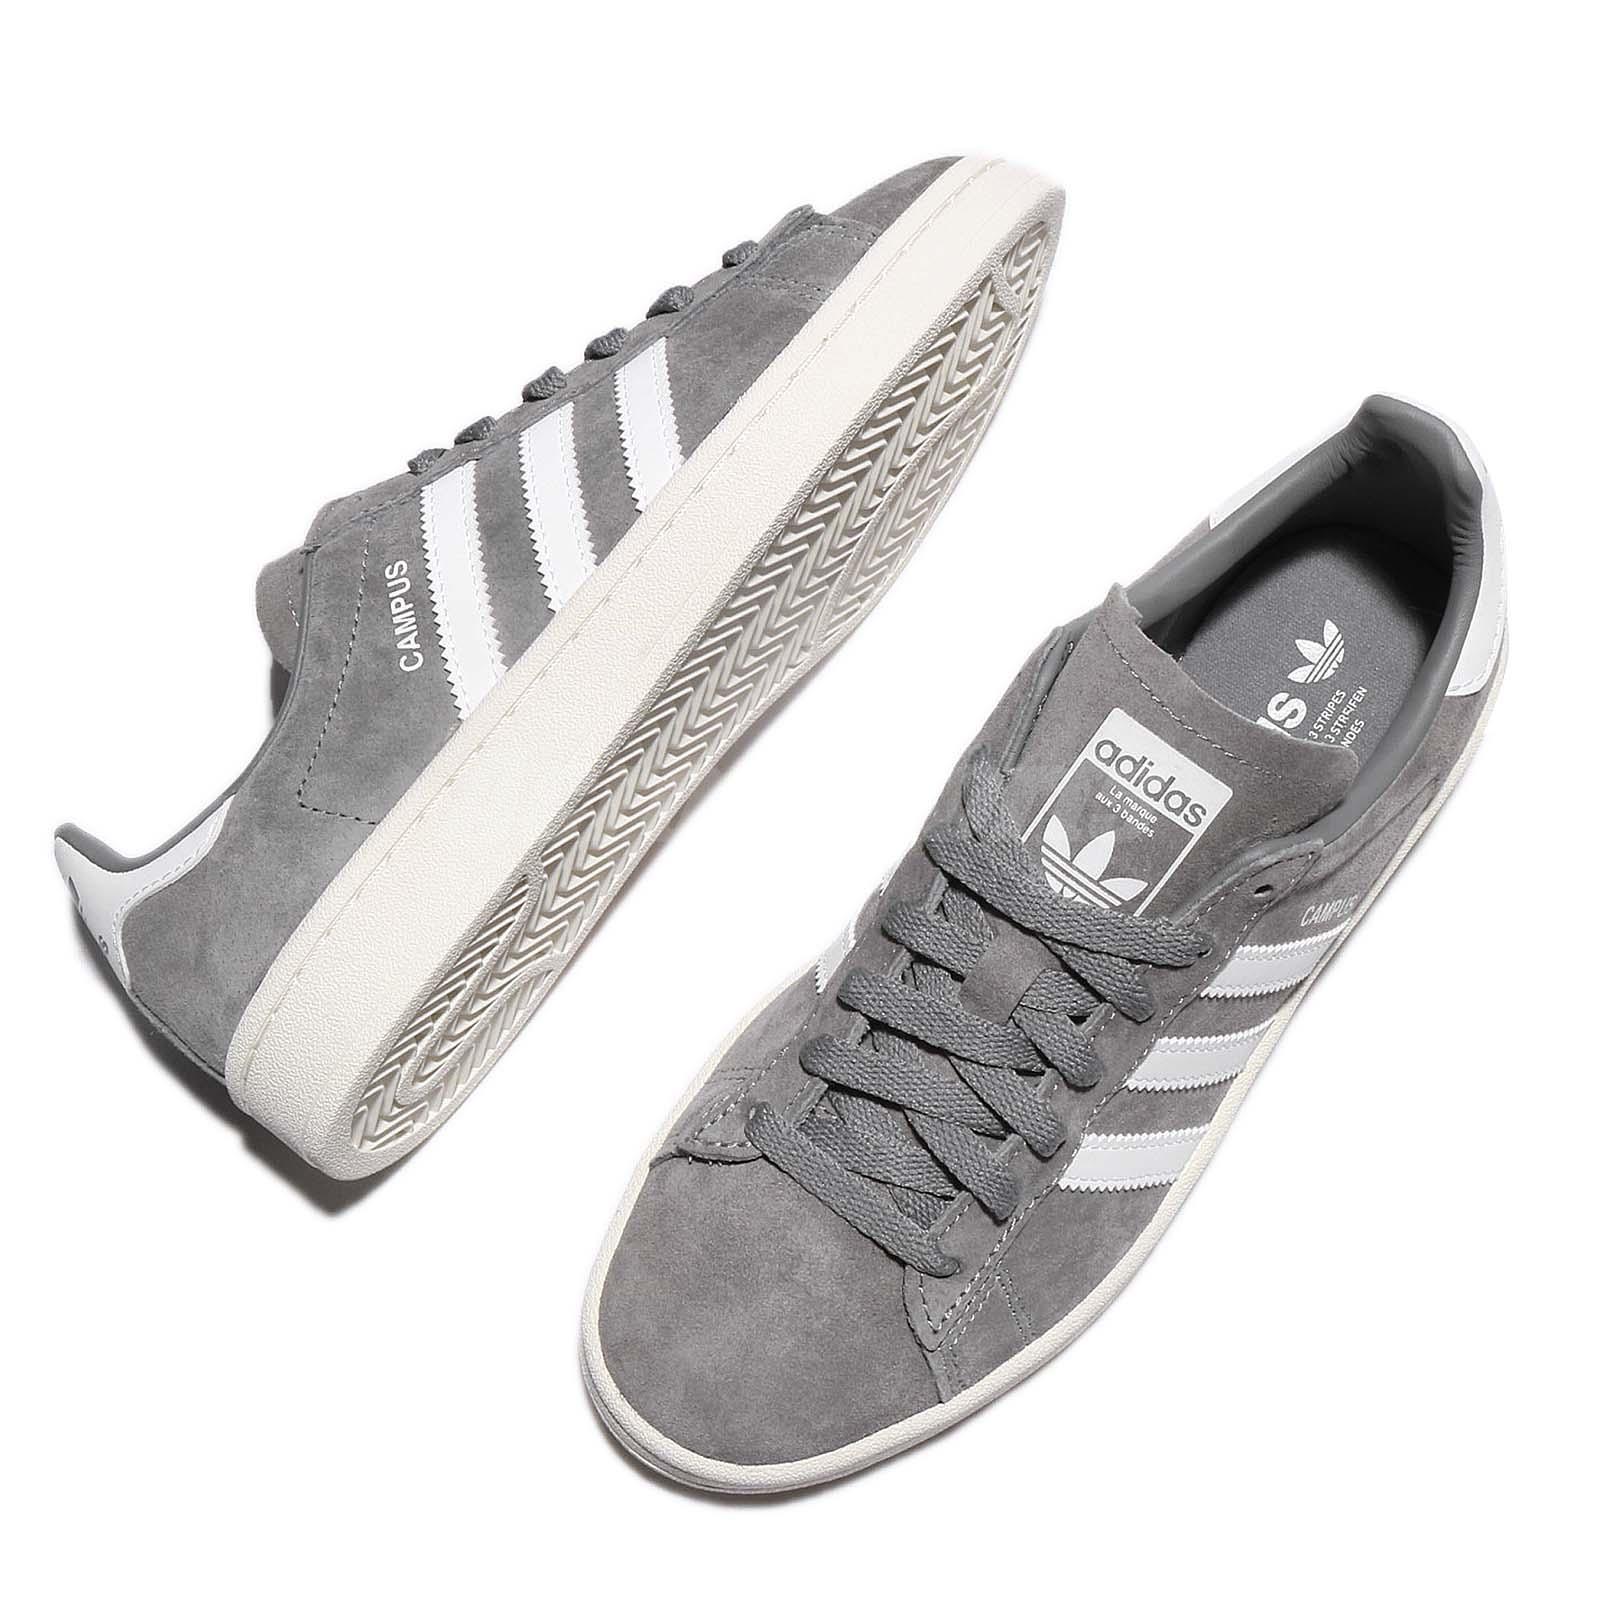 buy online e96c9 3425a adidas Originals Campus Suede Grey White Ivory Retro Men Shoes ...